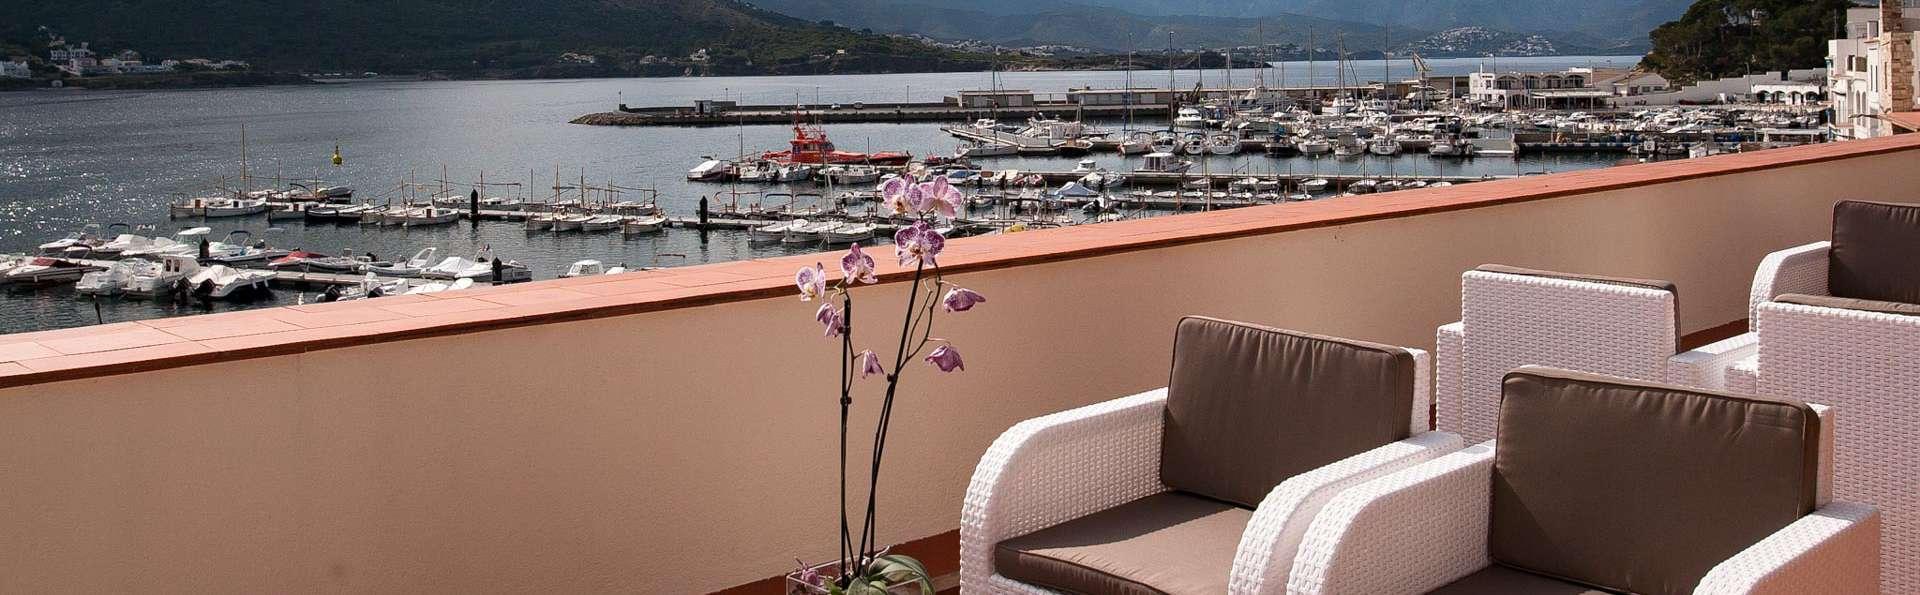 Profitez d'une escapade romantique avec un dîner gastronomique au Cap de Creus (à partir de 2 nuits)